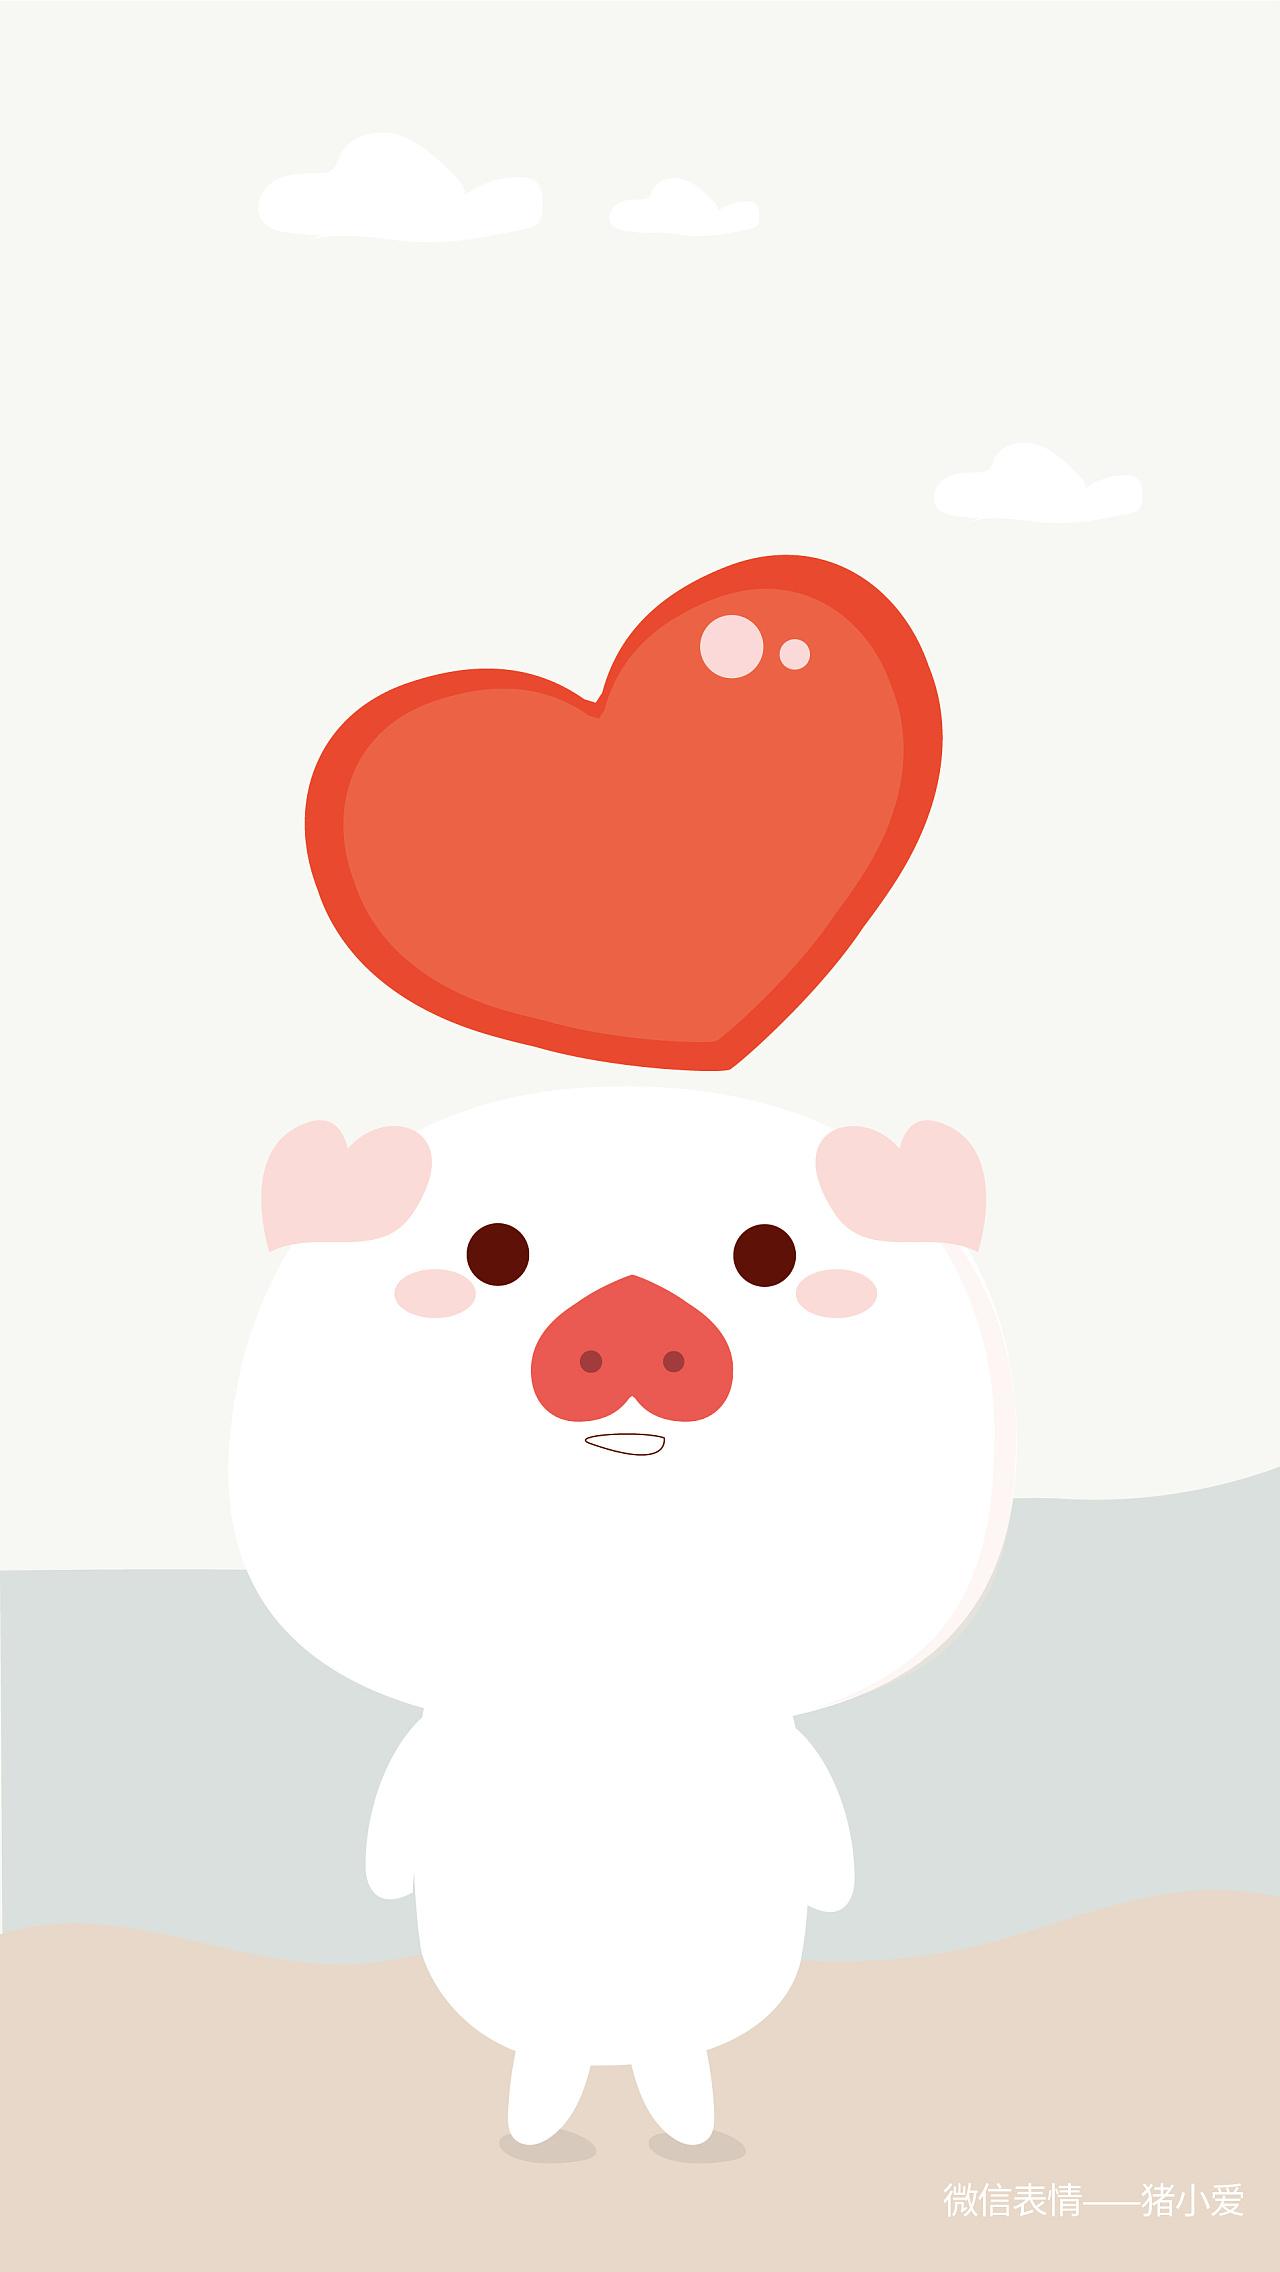 微信表情猪小爱猪年大吉猪表情可爱表情包不让你死的图片